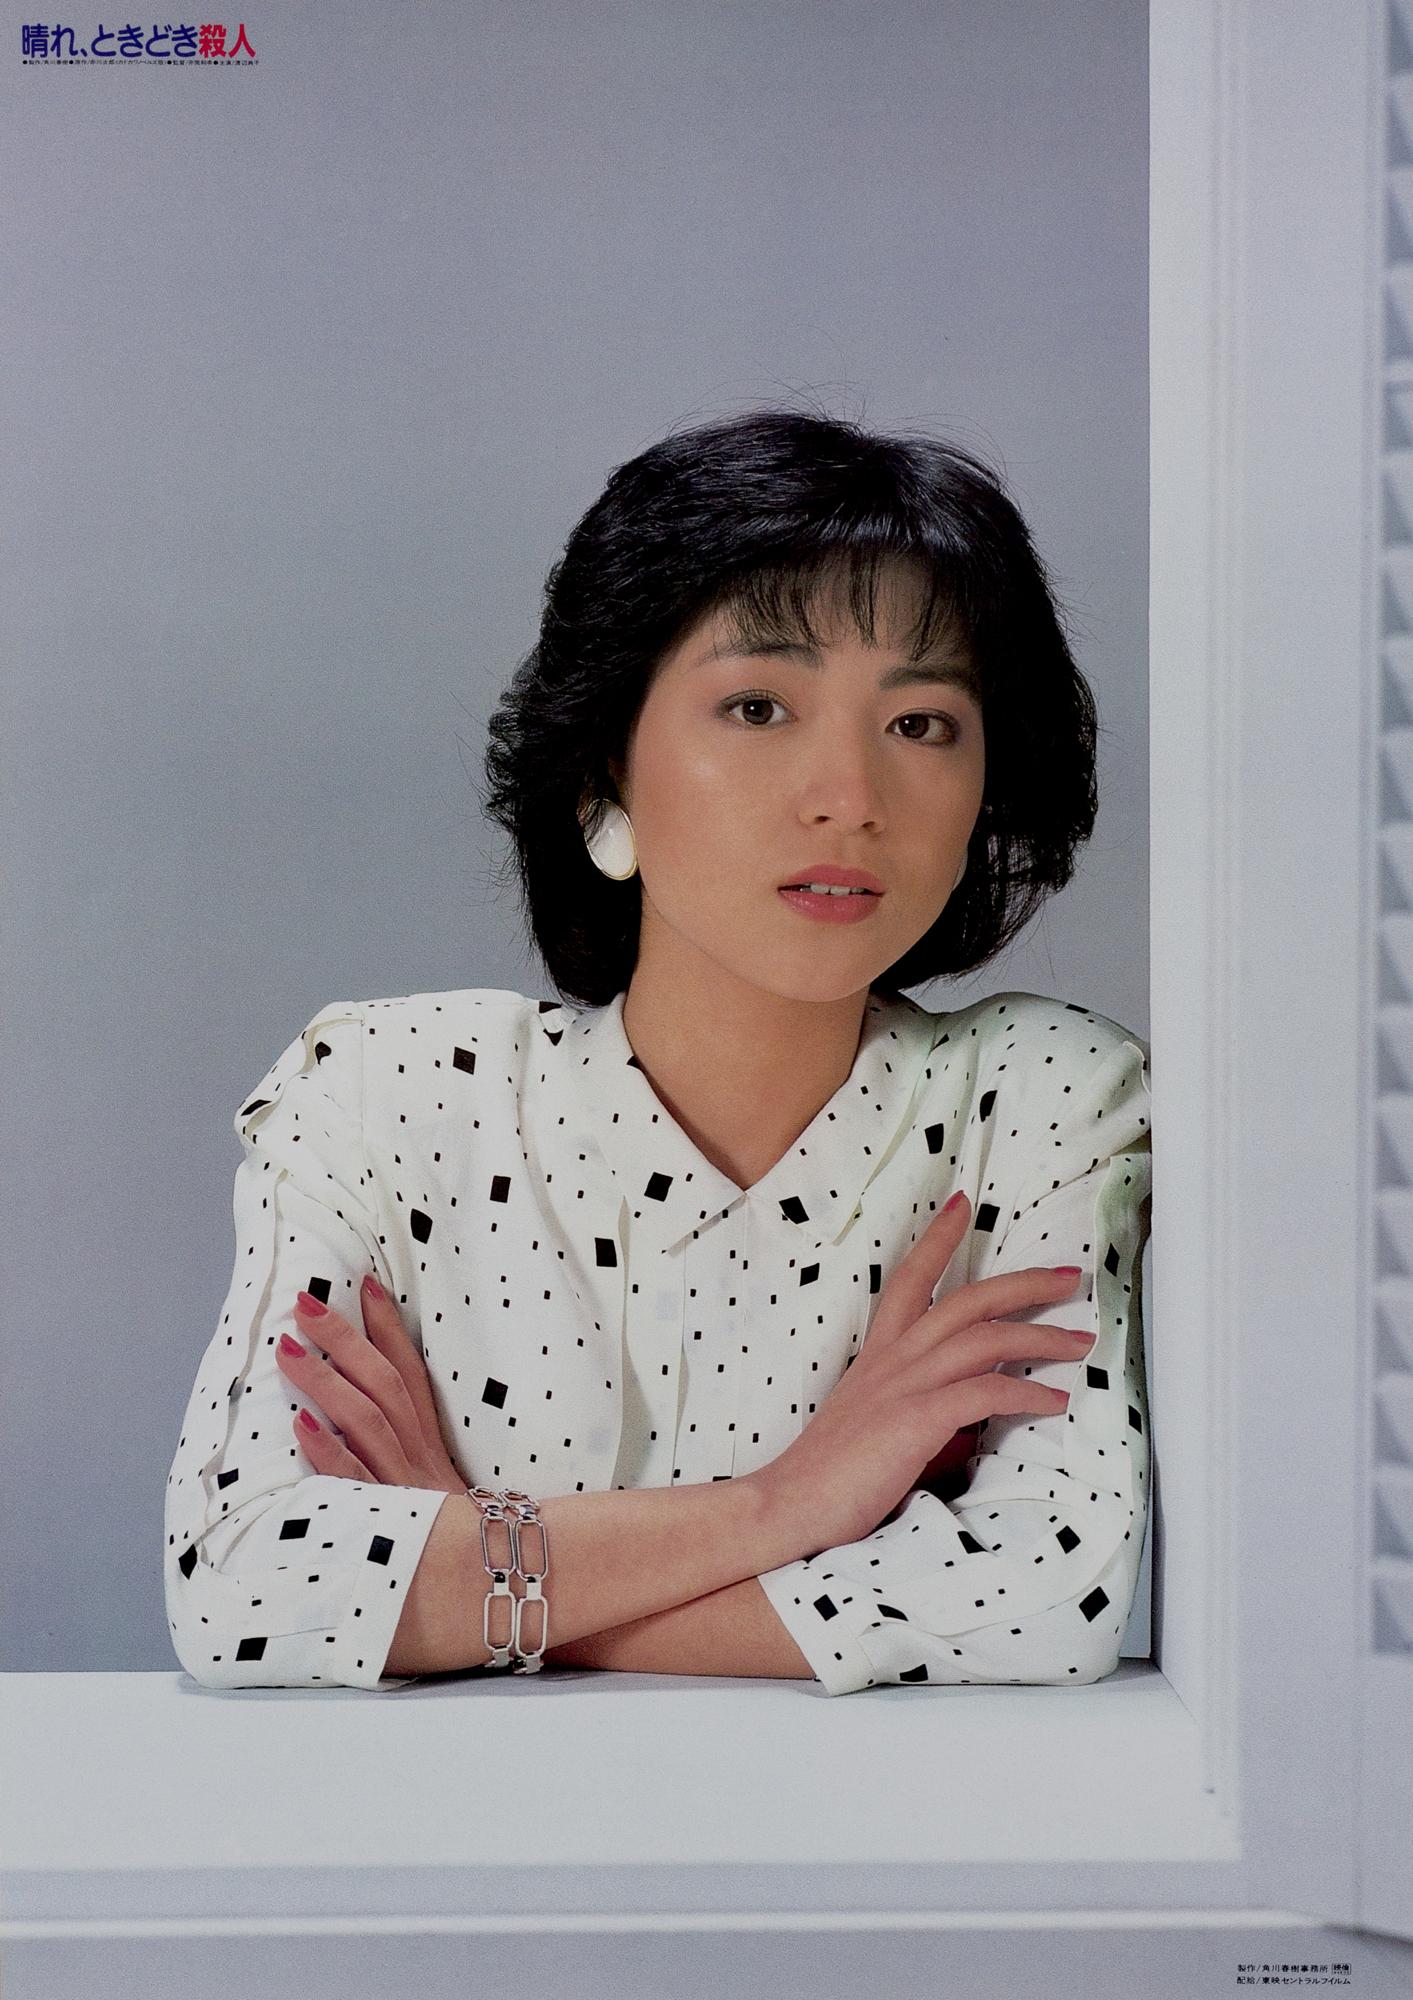 渡辺典子『晴れ、ときどき殺人』1984年ⓒKADOKAWA